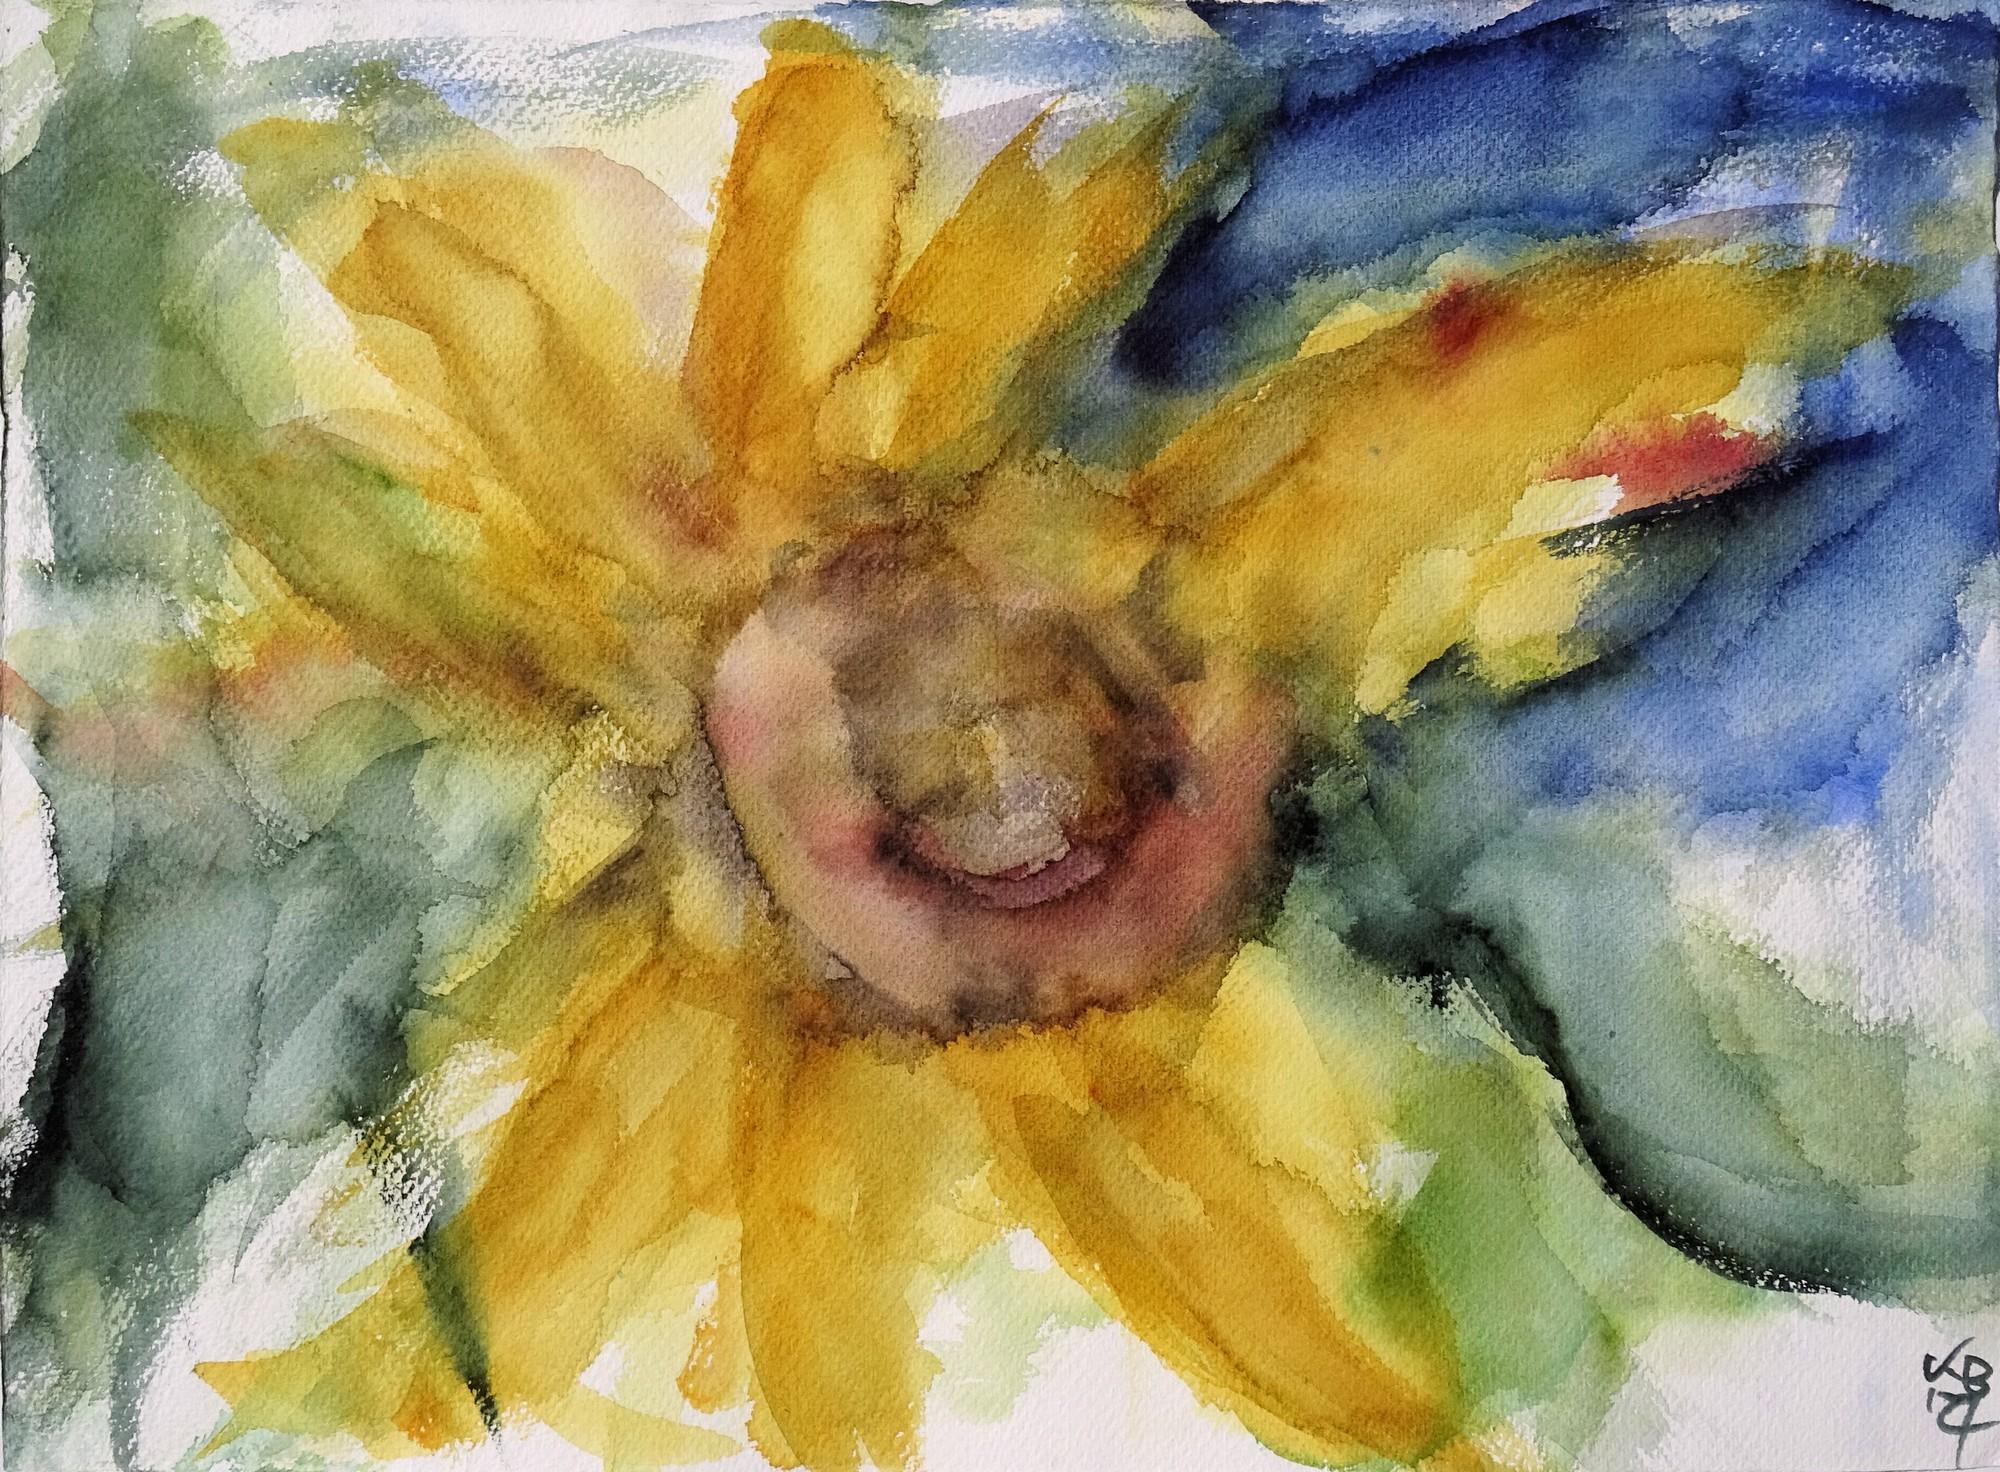 Sonnenblumen I, Watercolour 53 x 39 cm, © 2021 by Klaus Bölling